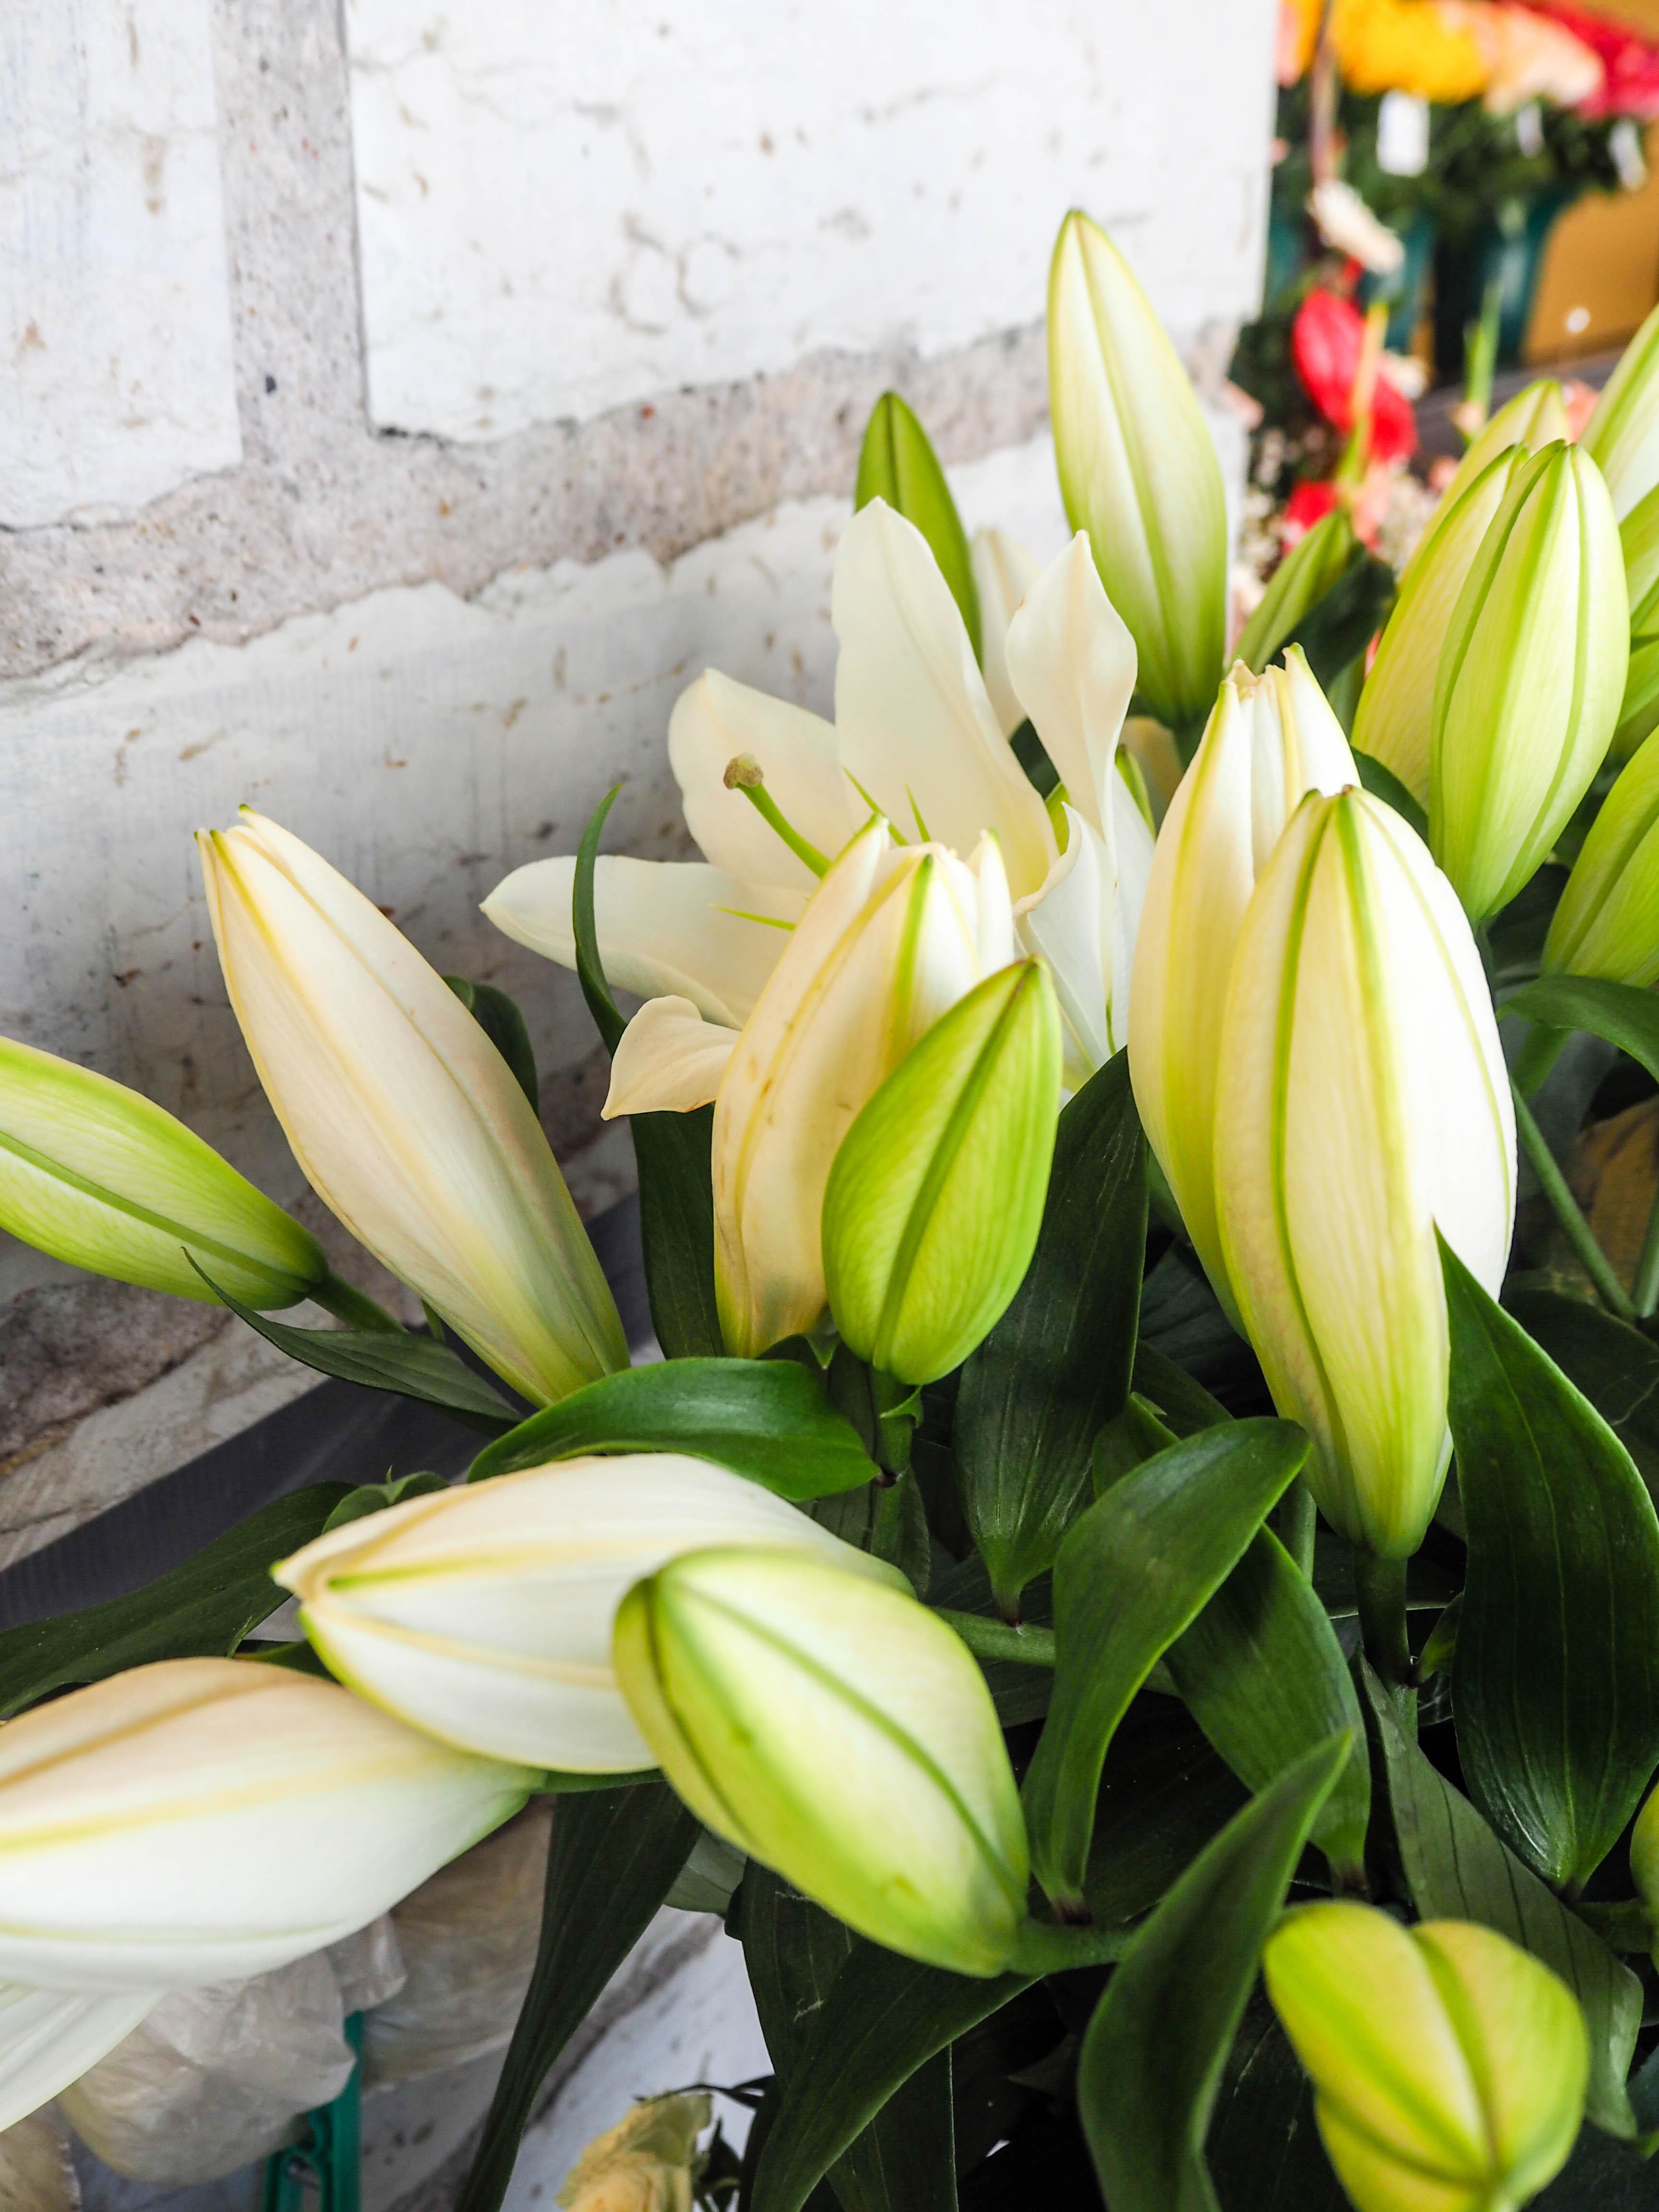 flowermarketTallinn16 (16 of 17)